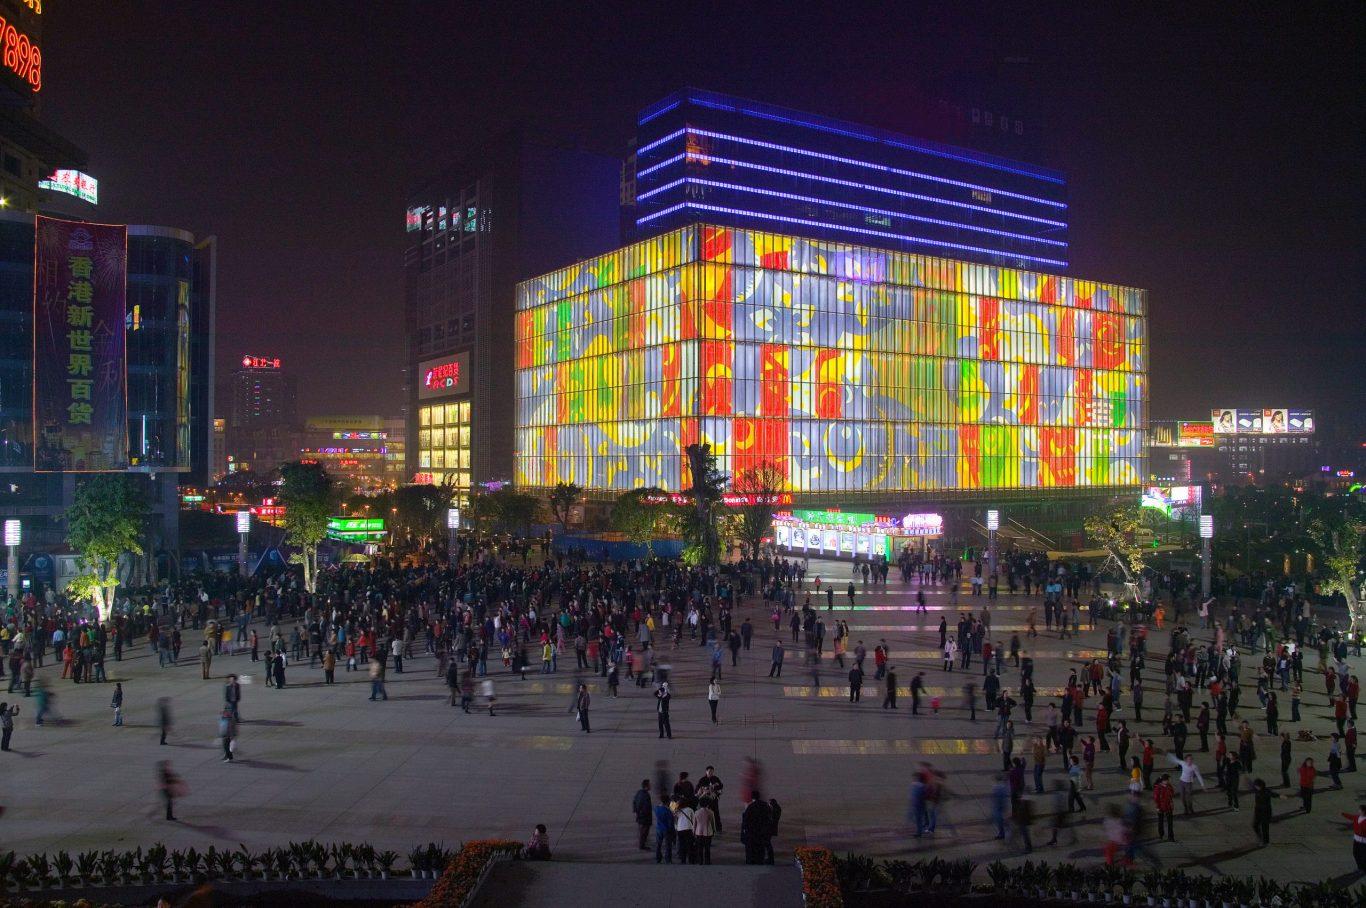 Slide 2 of 5, Jianianhua Center